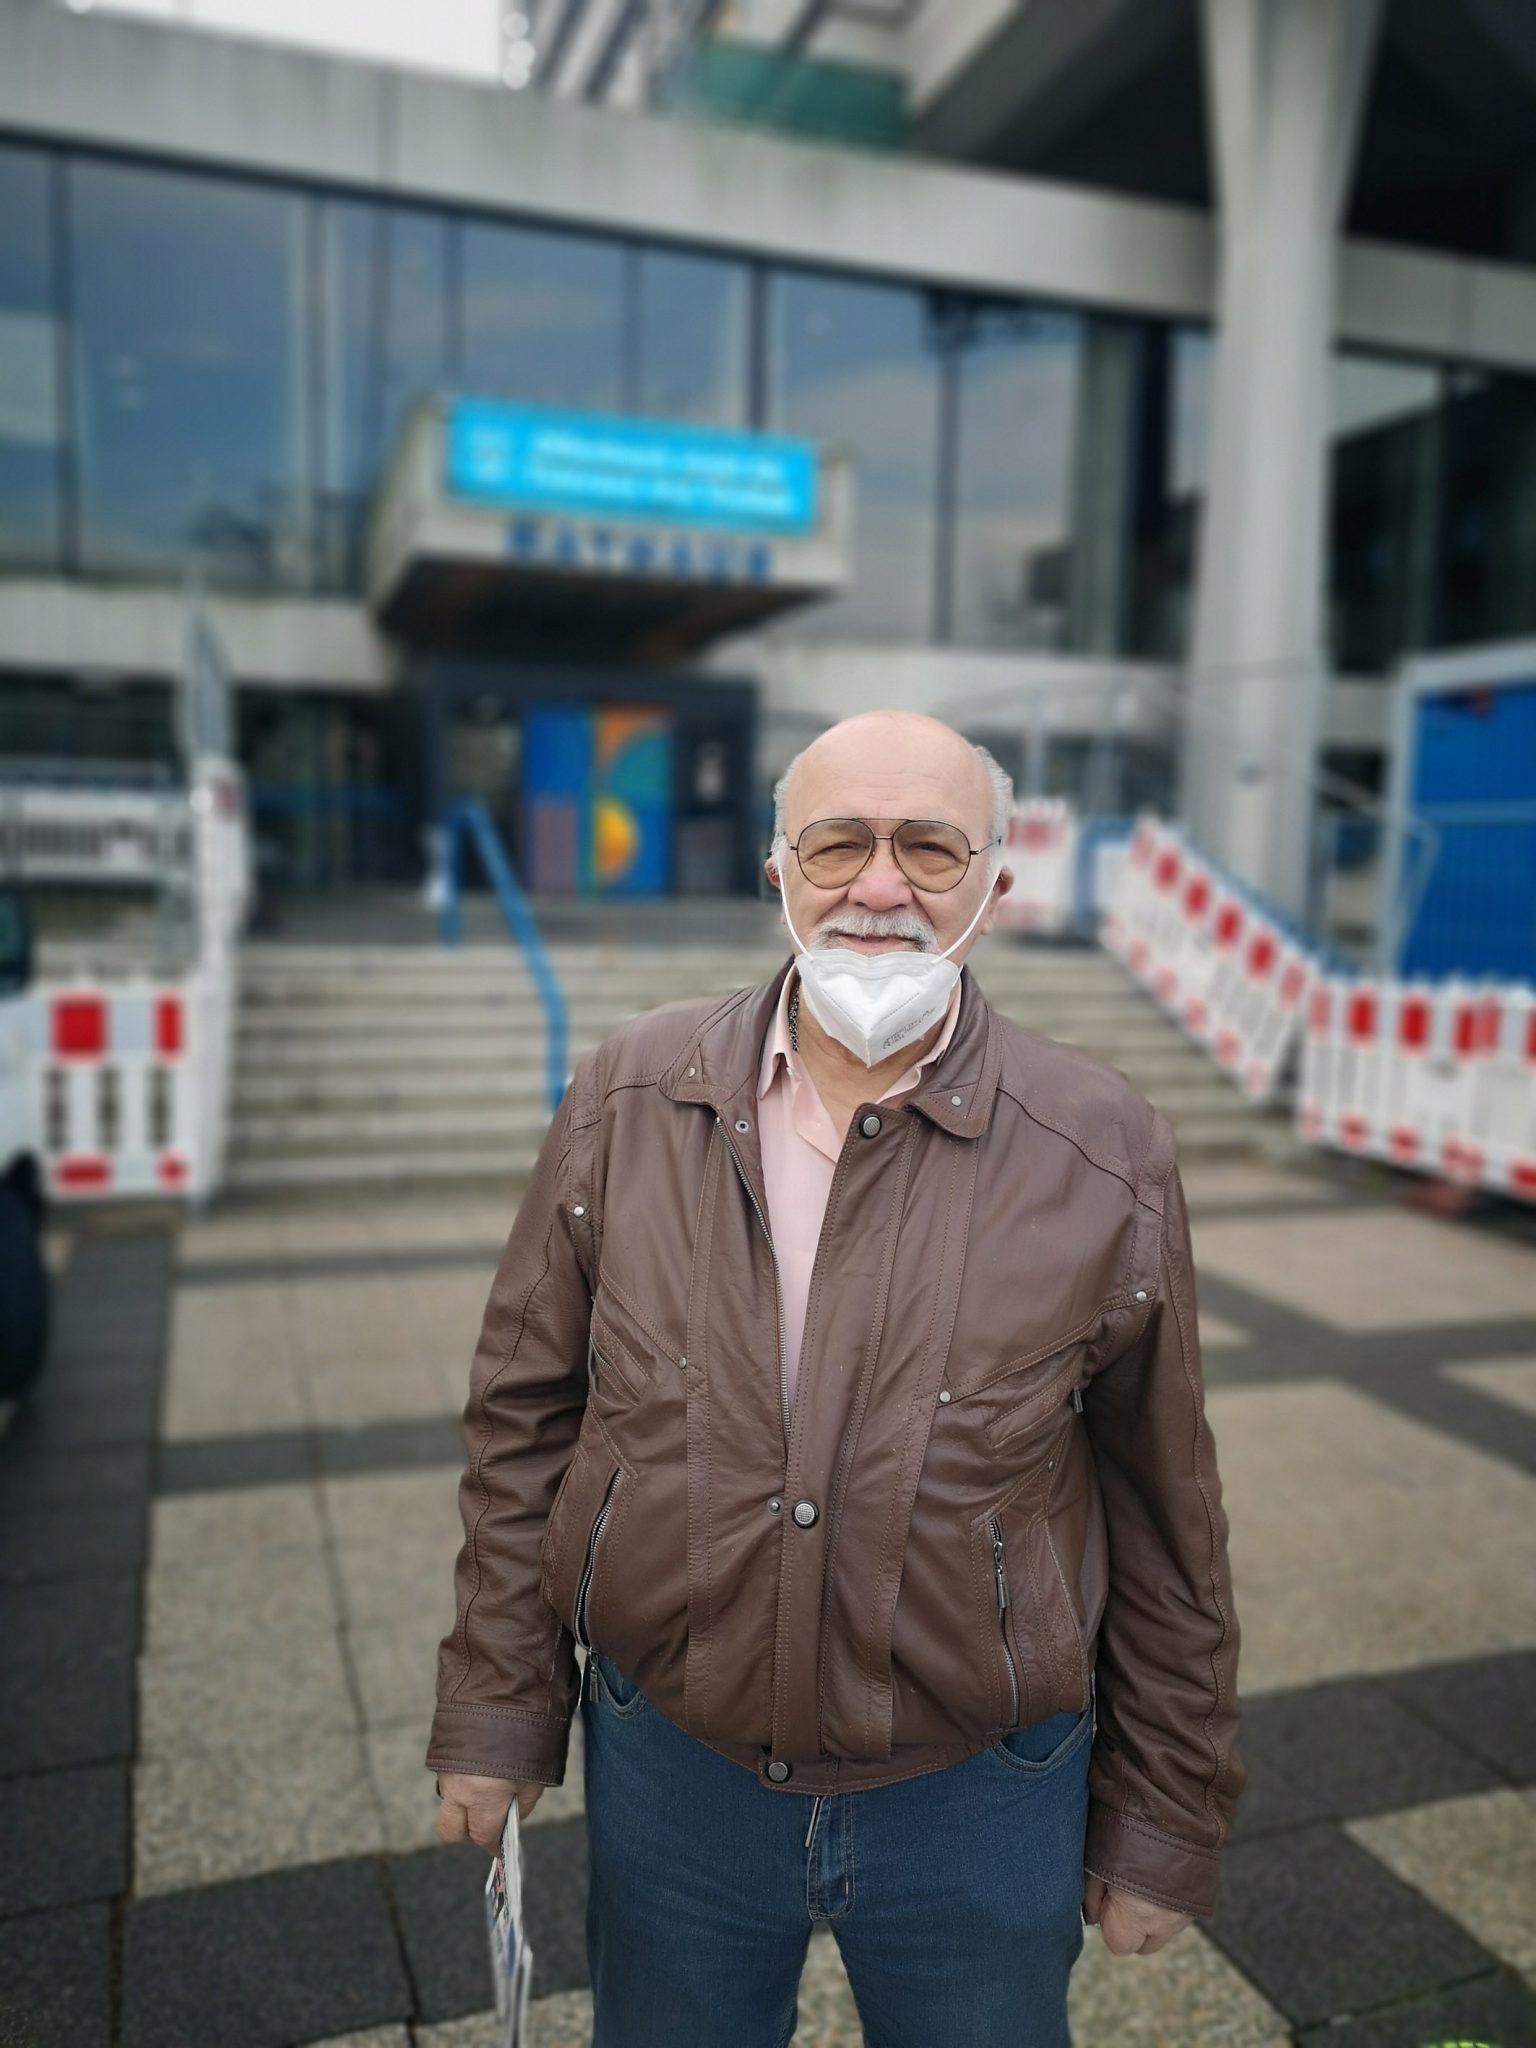 Srpski glas u svakom gradu - Vesti online